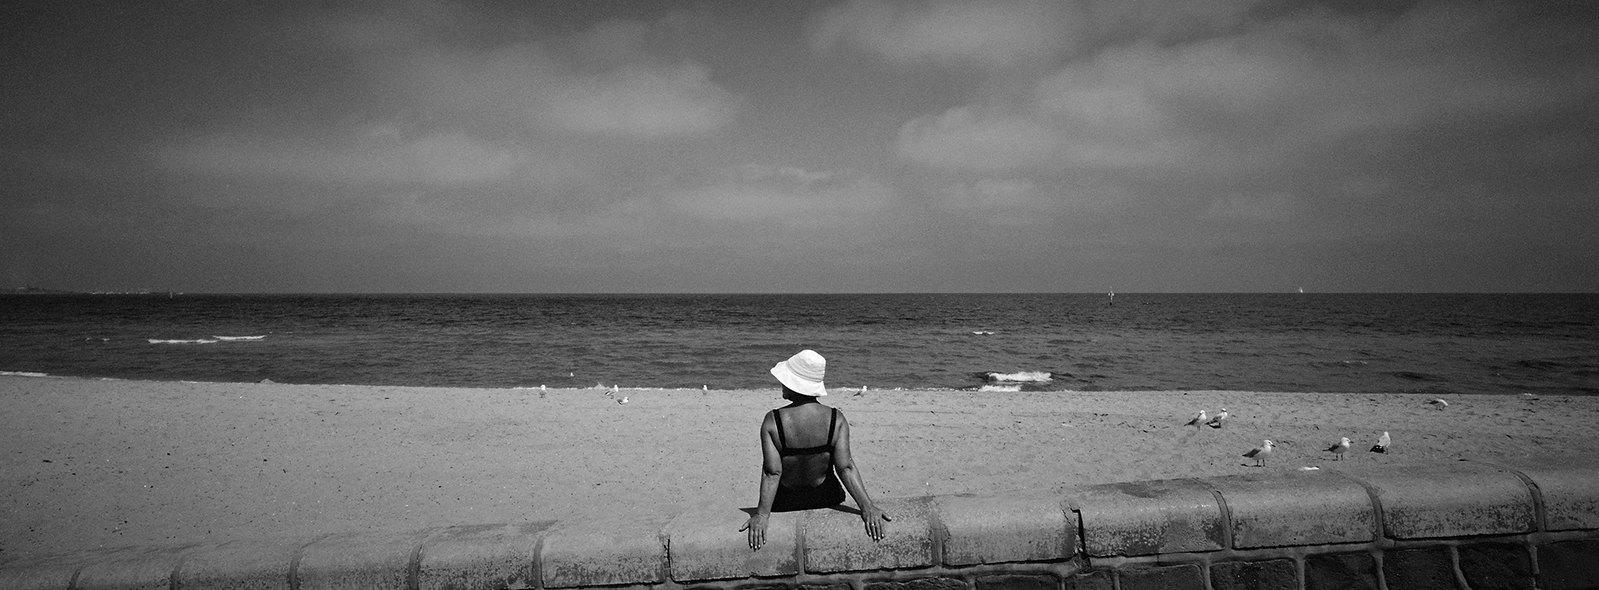 Elwood Beach vii